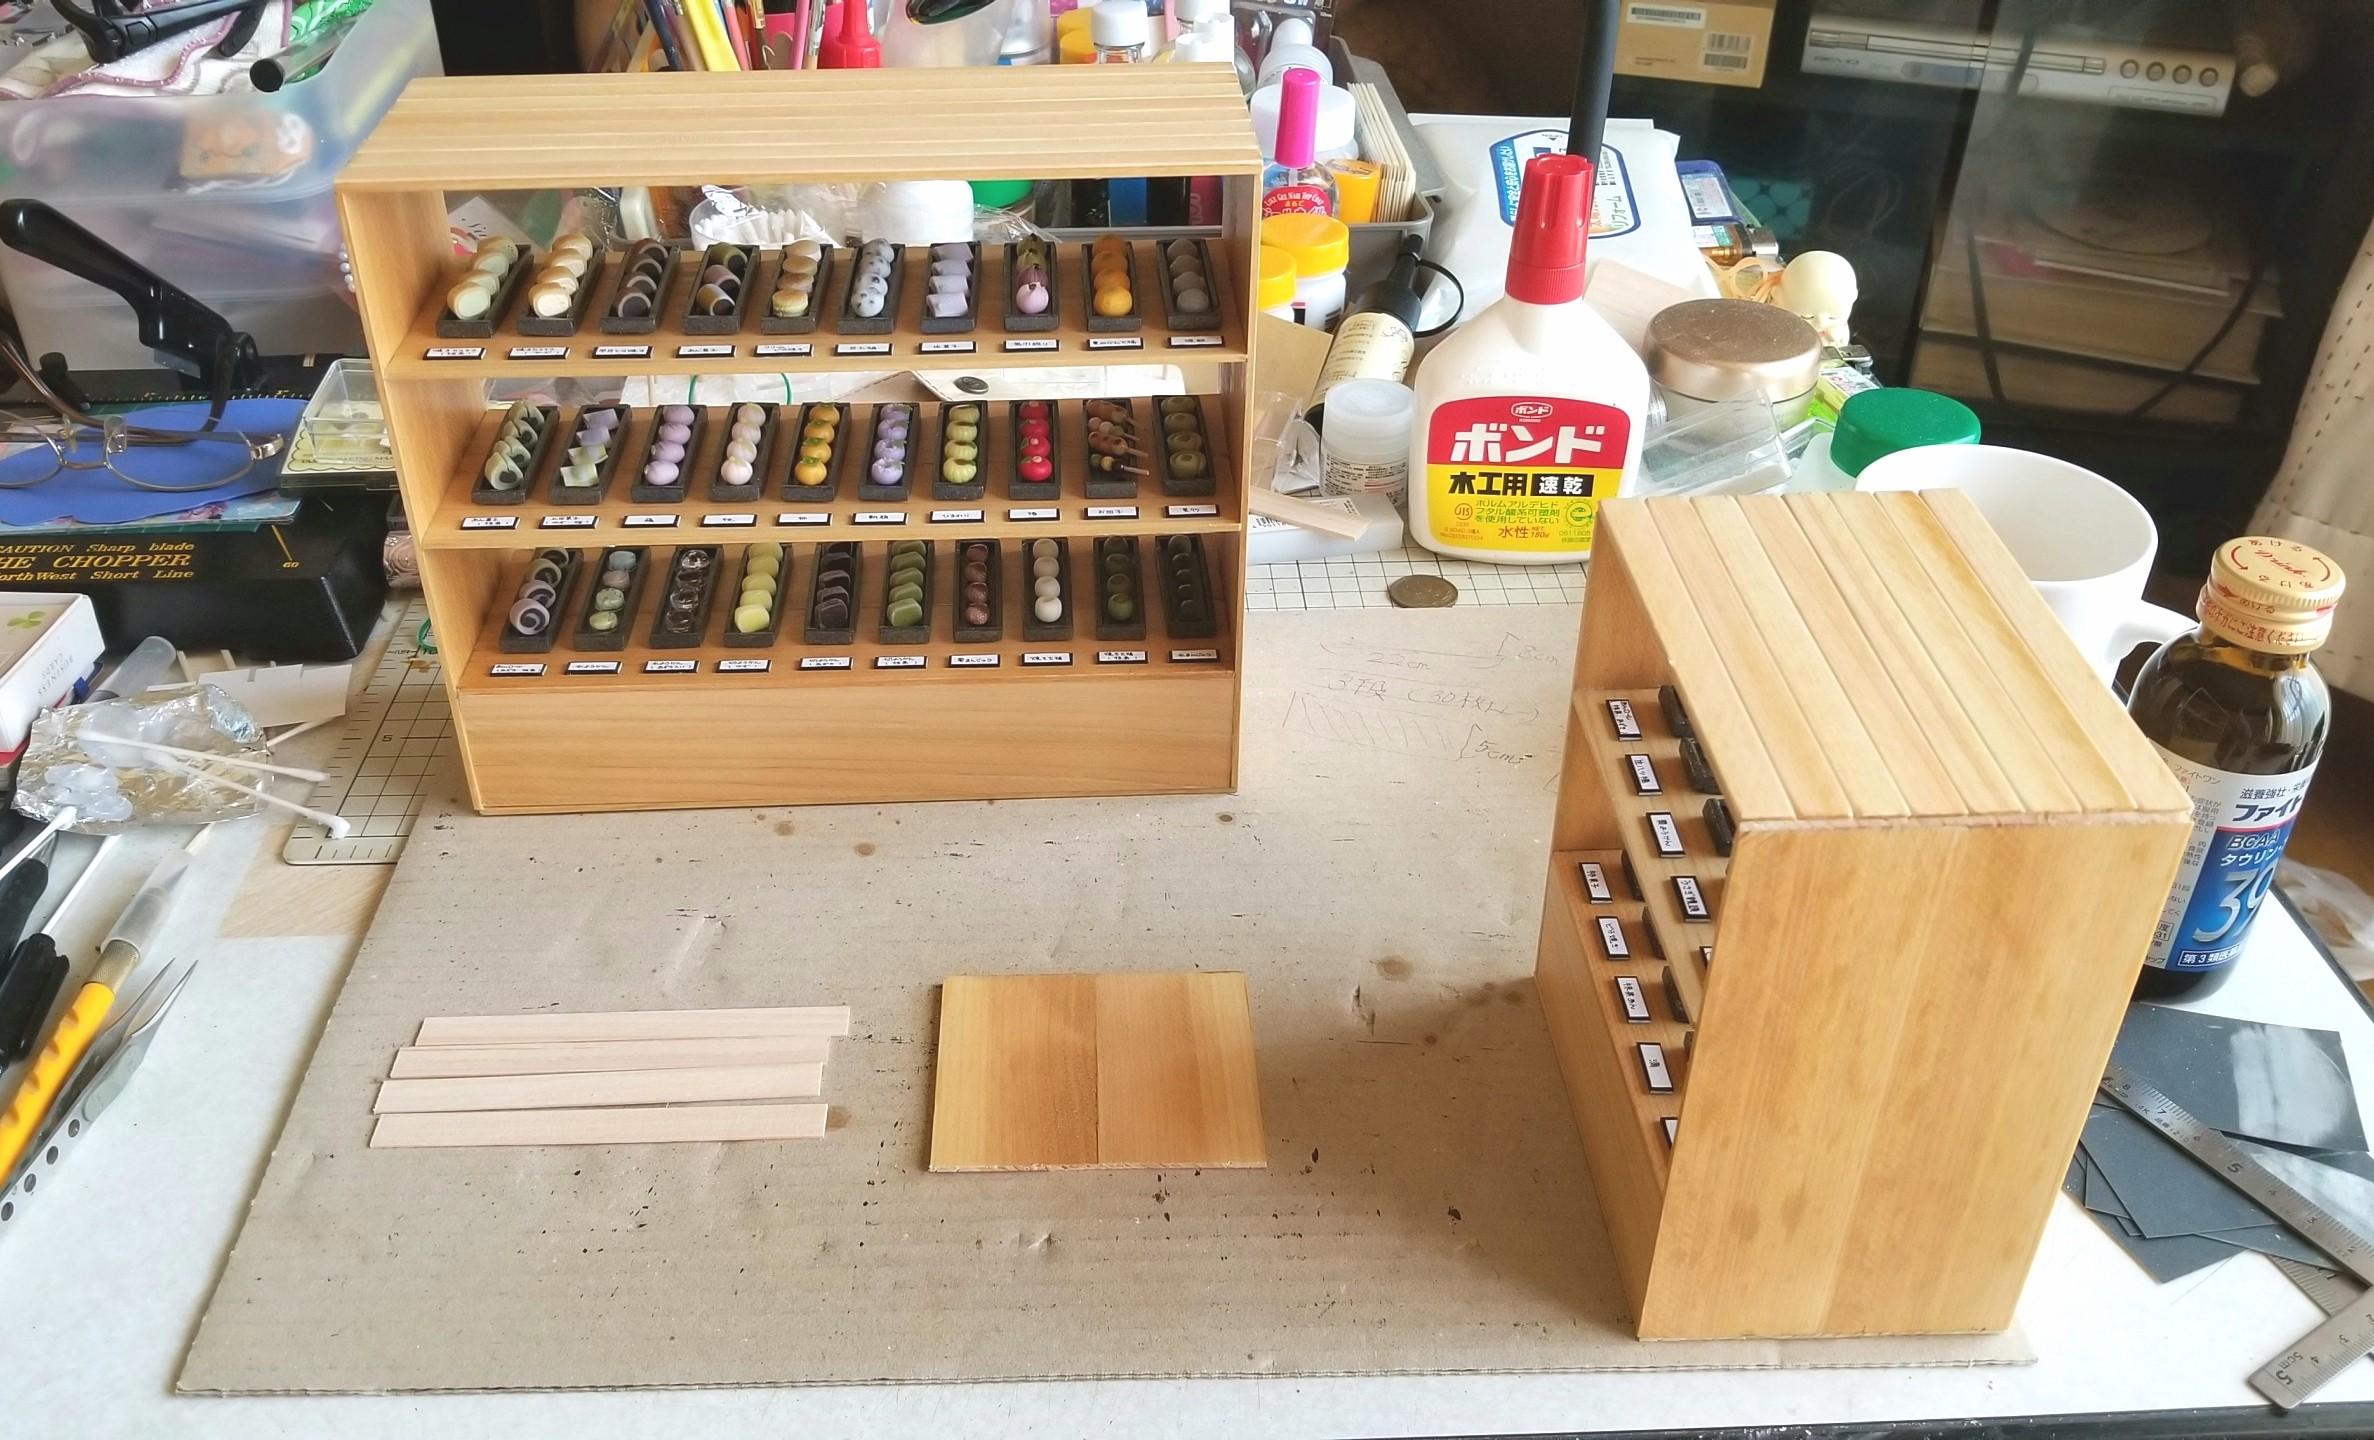 ミニチュアフード,長椅子,テーブル,和菓子屋,作り方,桧,ドールハウス